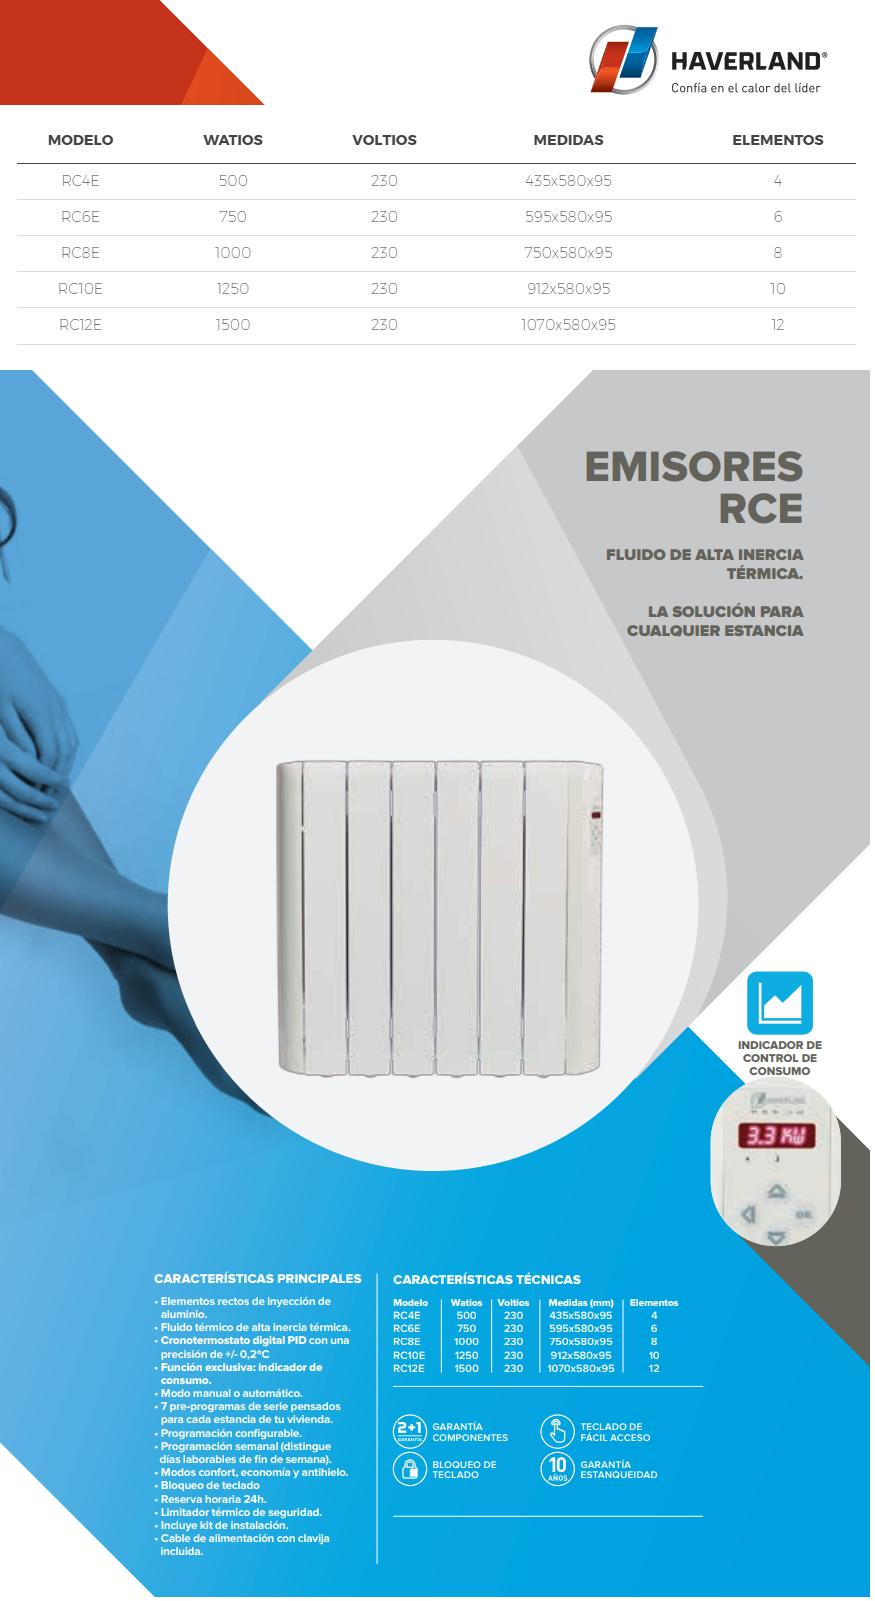 500w rce emisor t rmico haverland rc 4 e for Calor azul consumo mensual